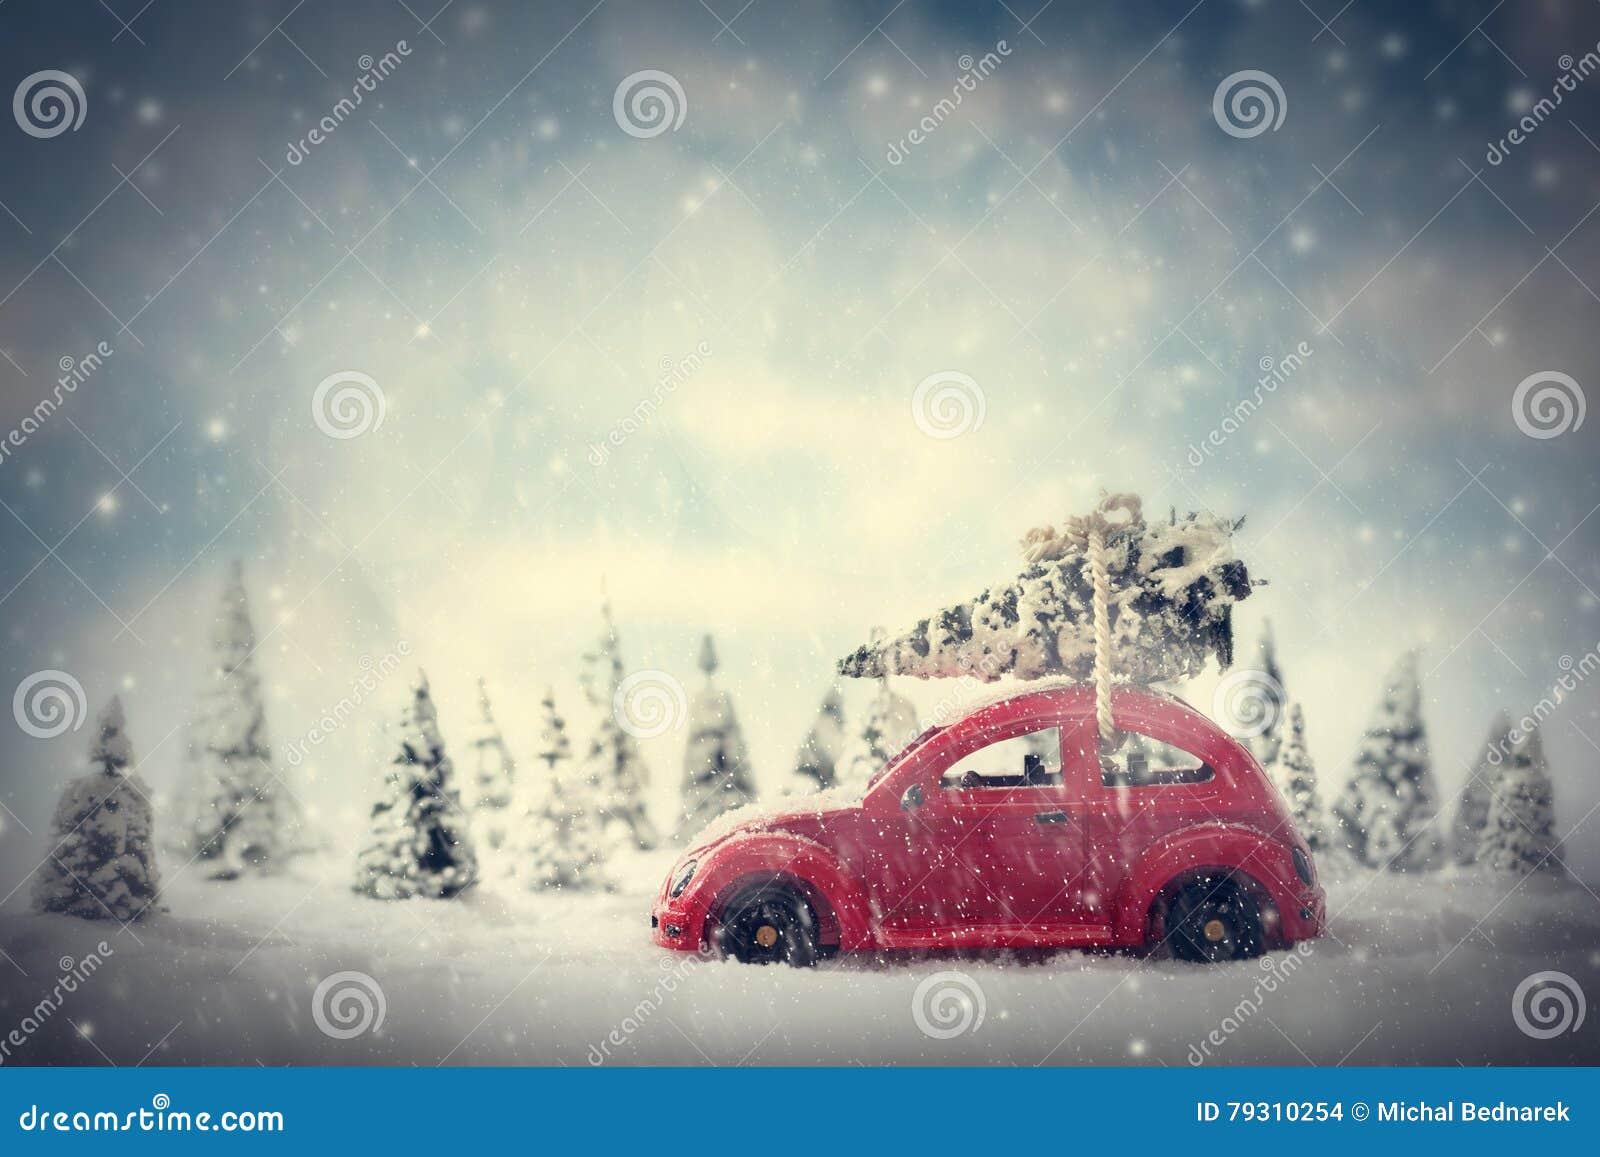 Coche retro del juguete que lleva el árbol de navidad minúsculo Paisaje del cuento de hadas con nieve y el bosque